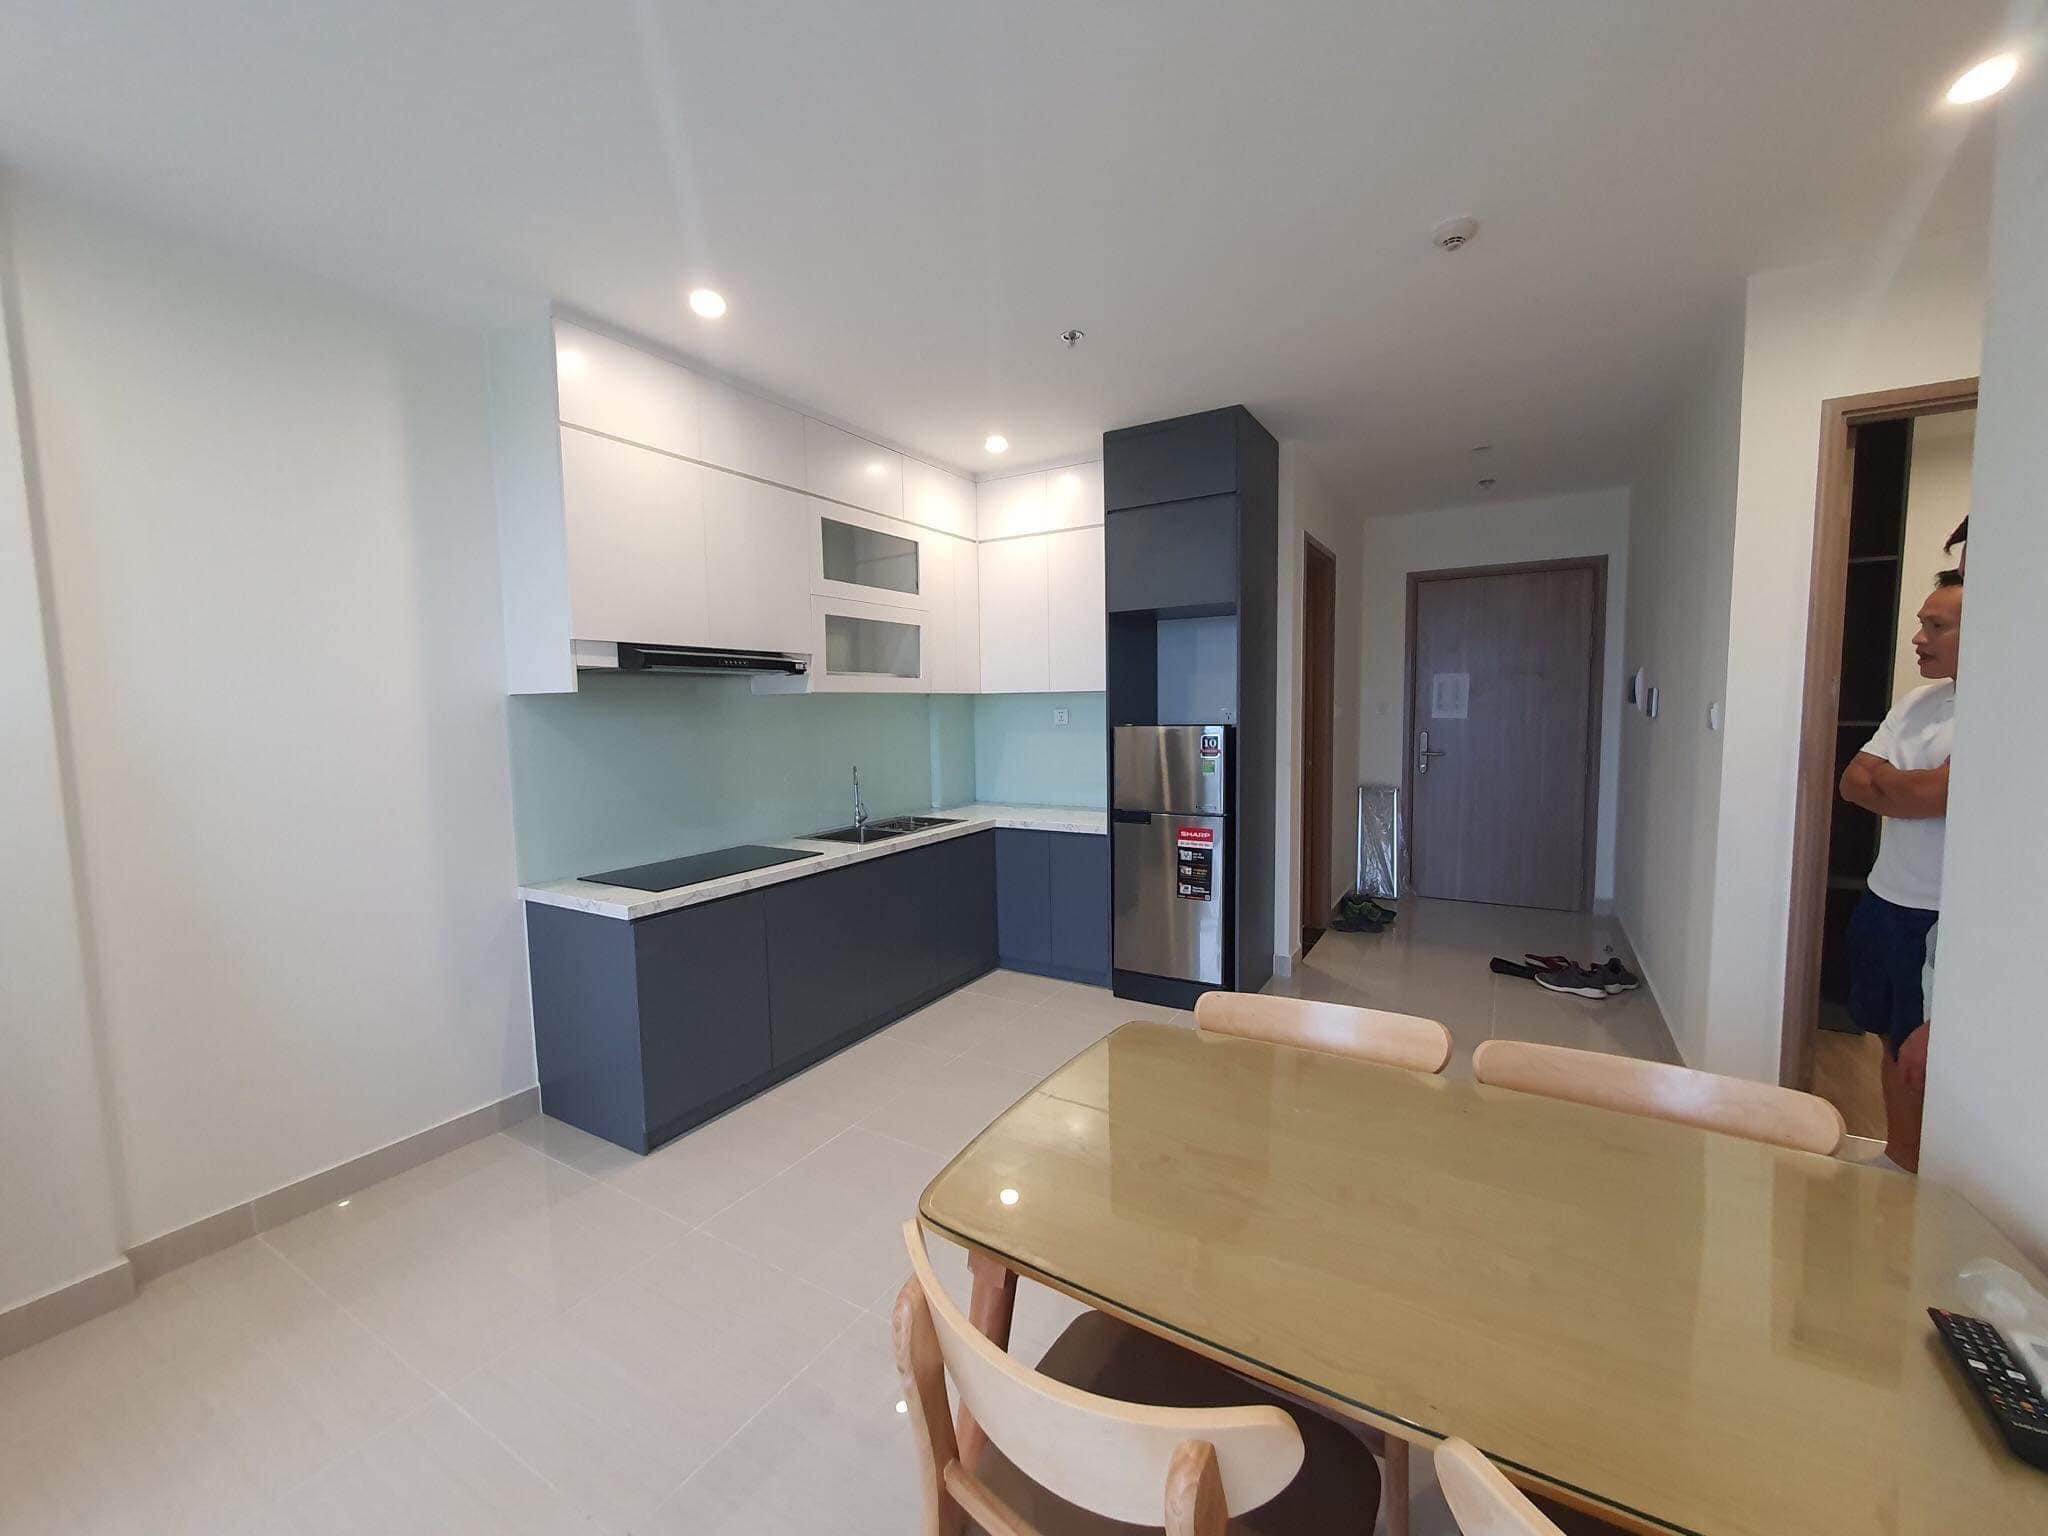 Căn hộ 2 phòng ngủ tầng 8 toà S1.06 đầy đủ nội thất giá 7,2tr/tháng 3